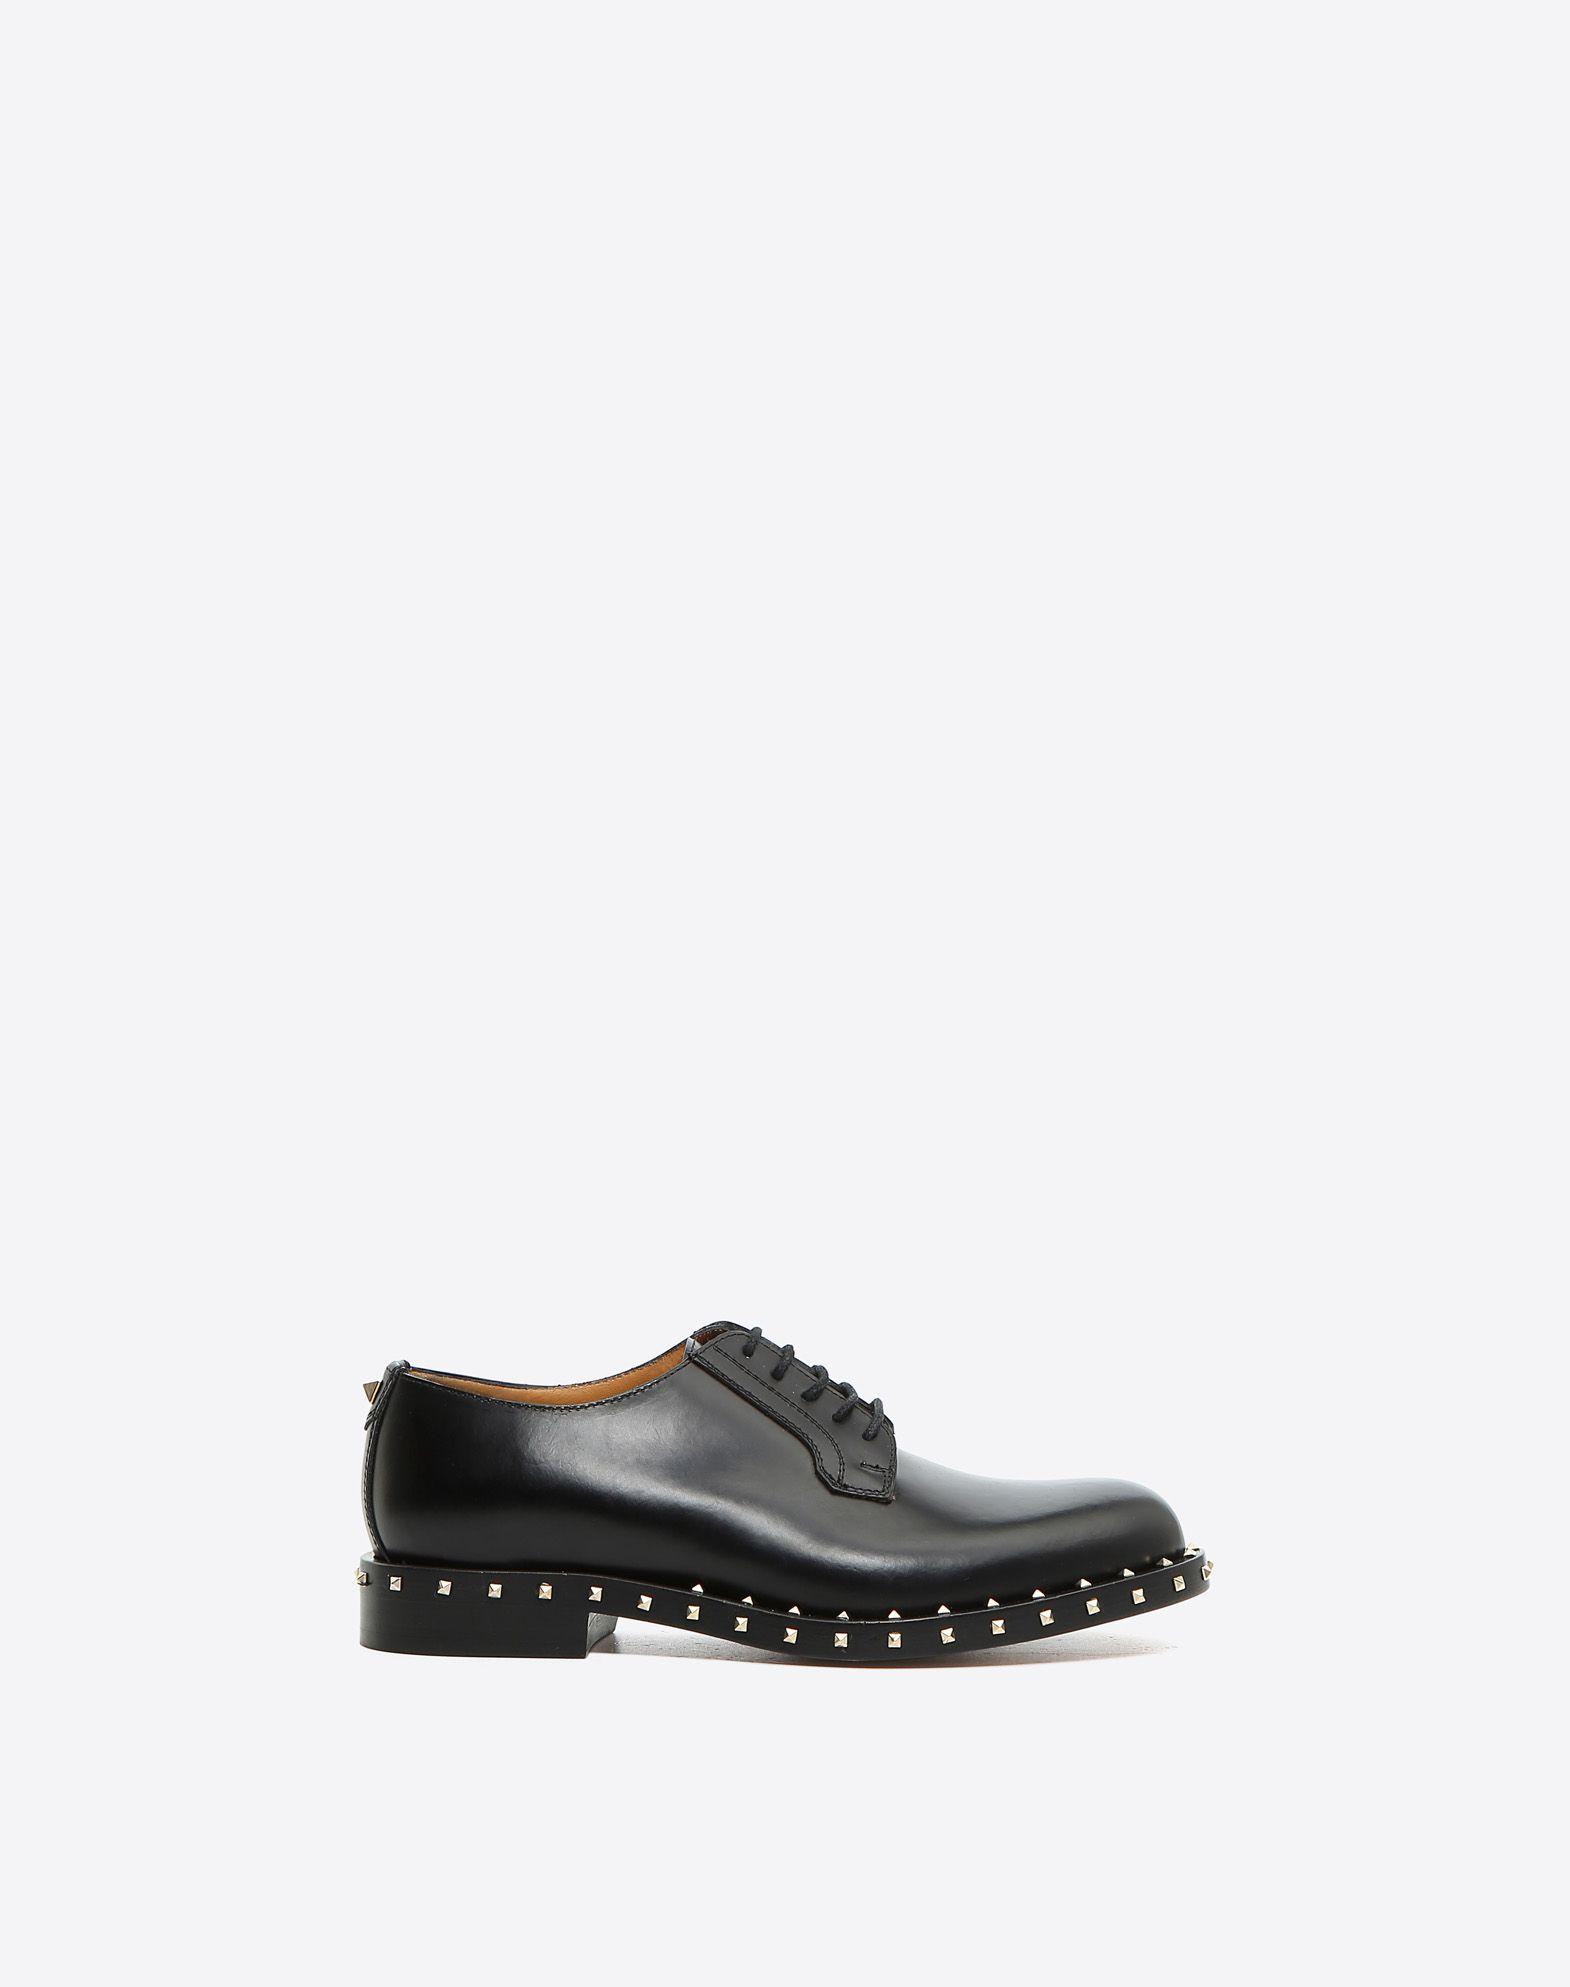 VALENTINO 系带 圆头鞋头 真皮鞋底   45367038kc